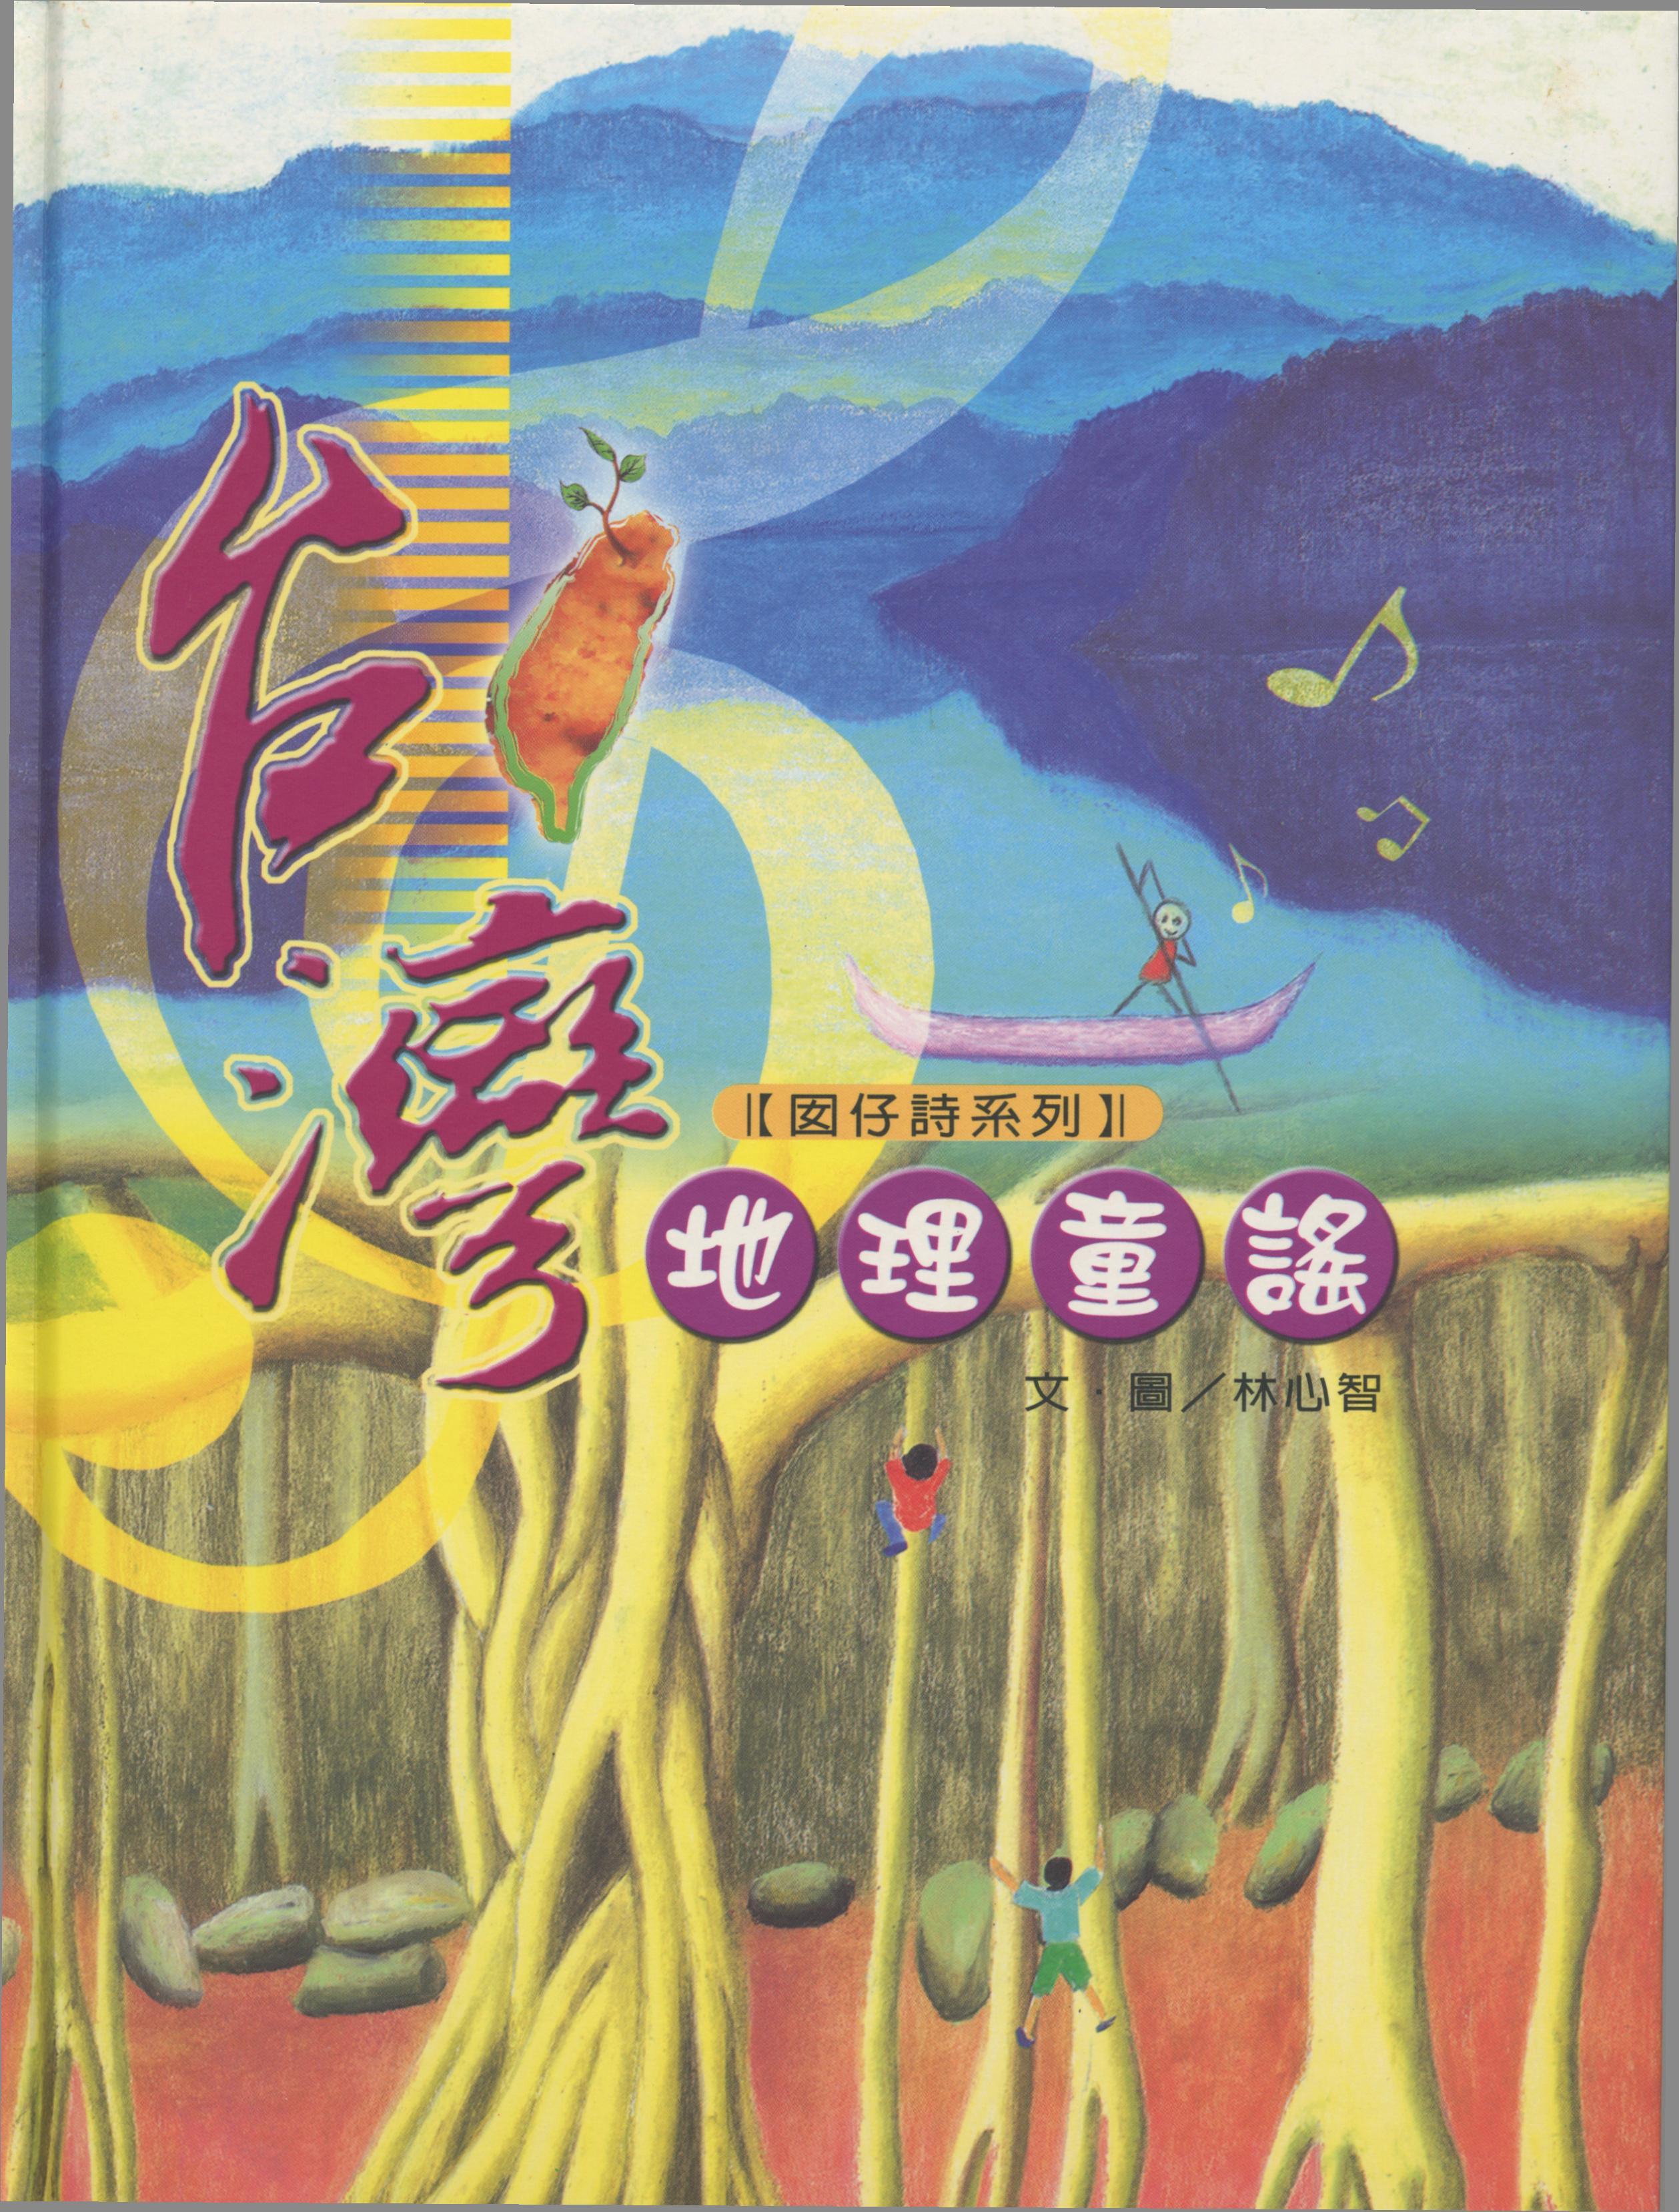 1305. 台灣地理童謠/林心智/2003